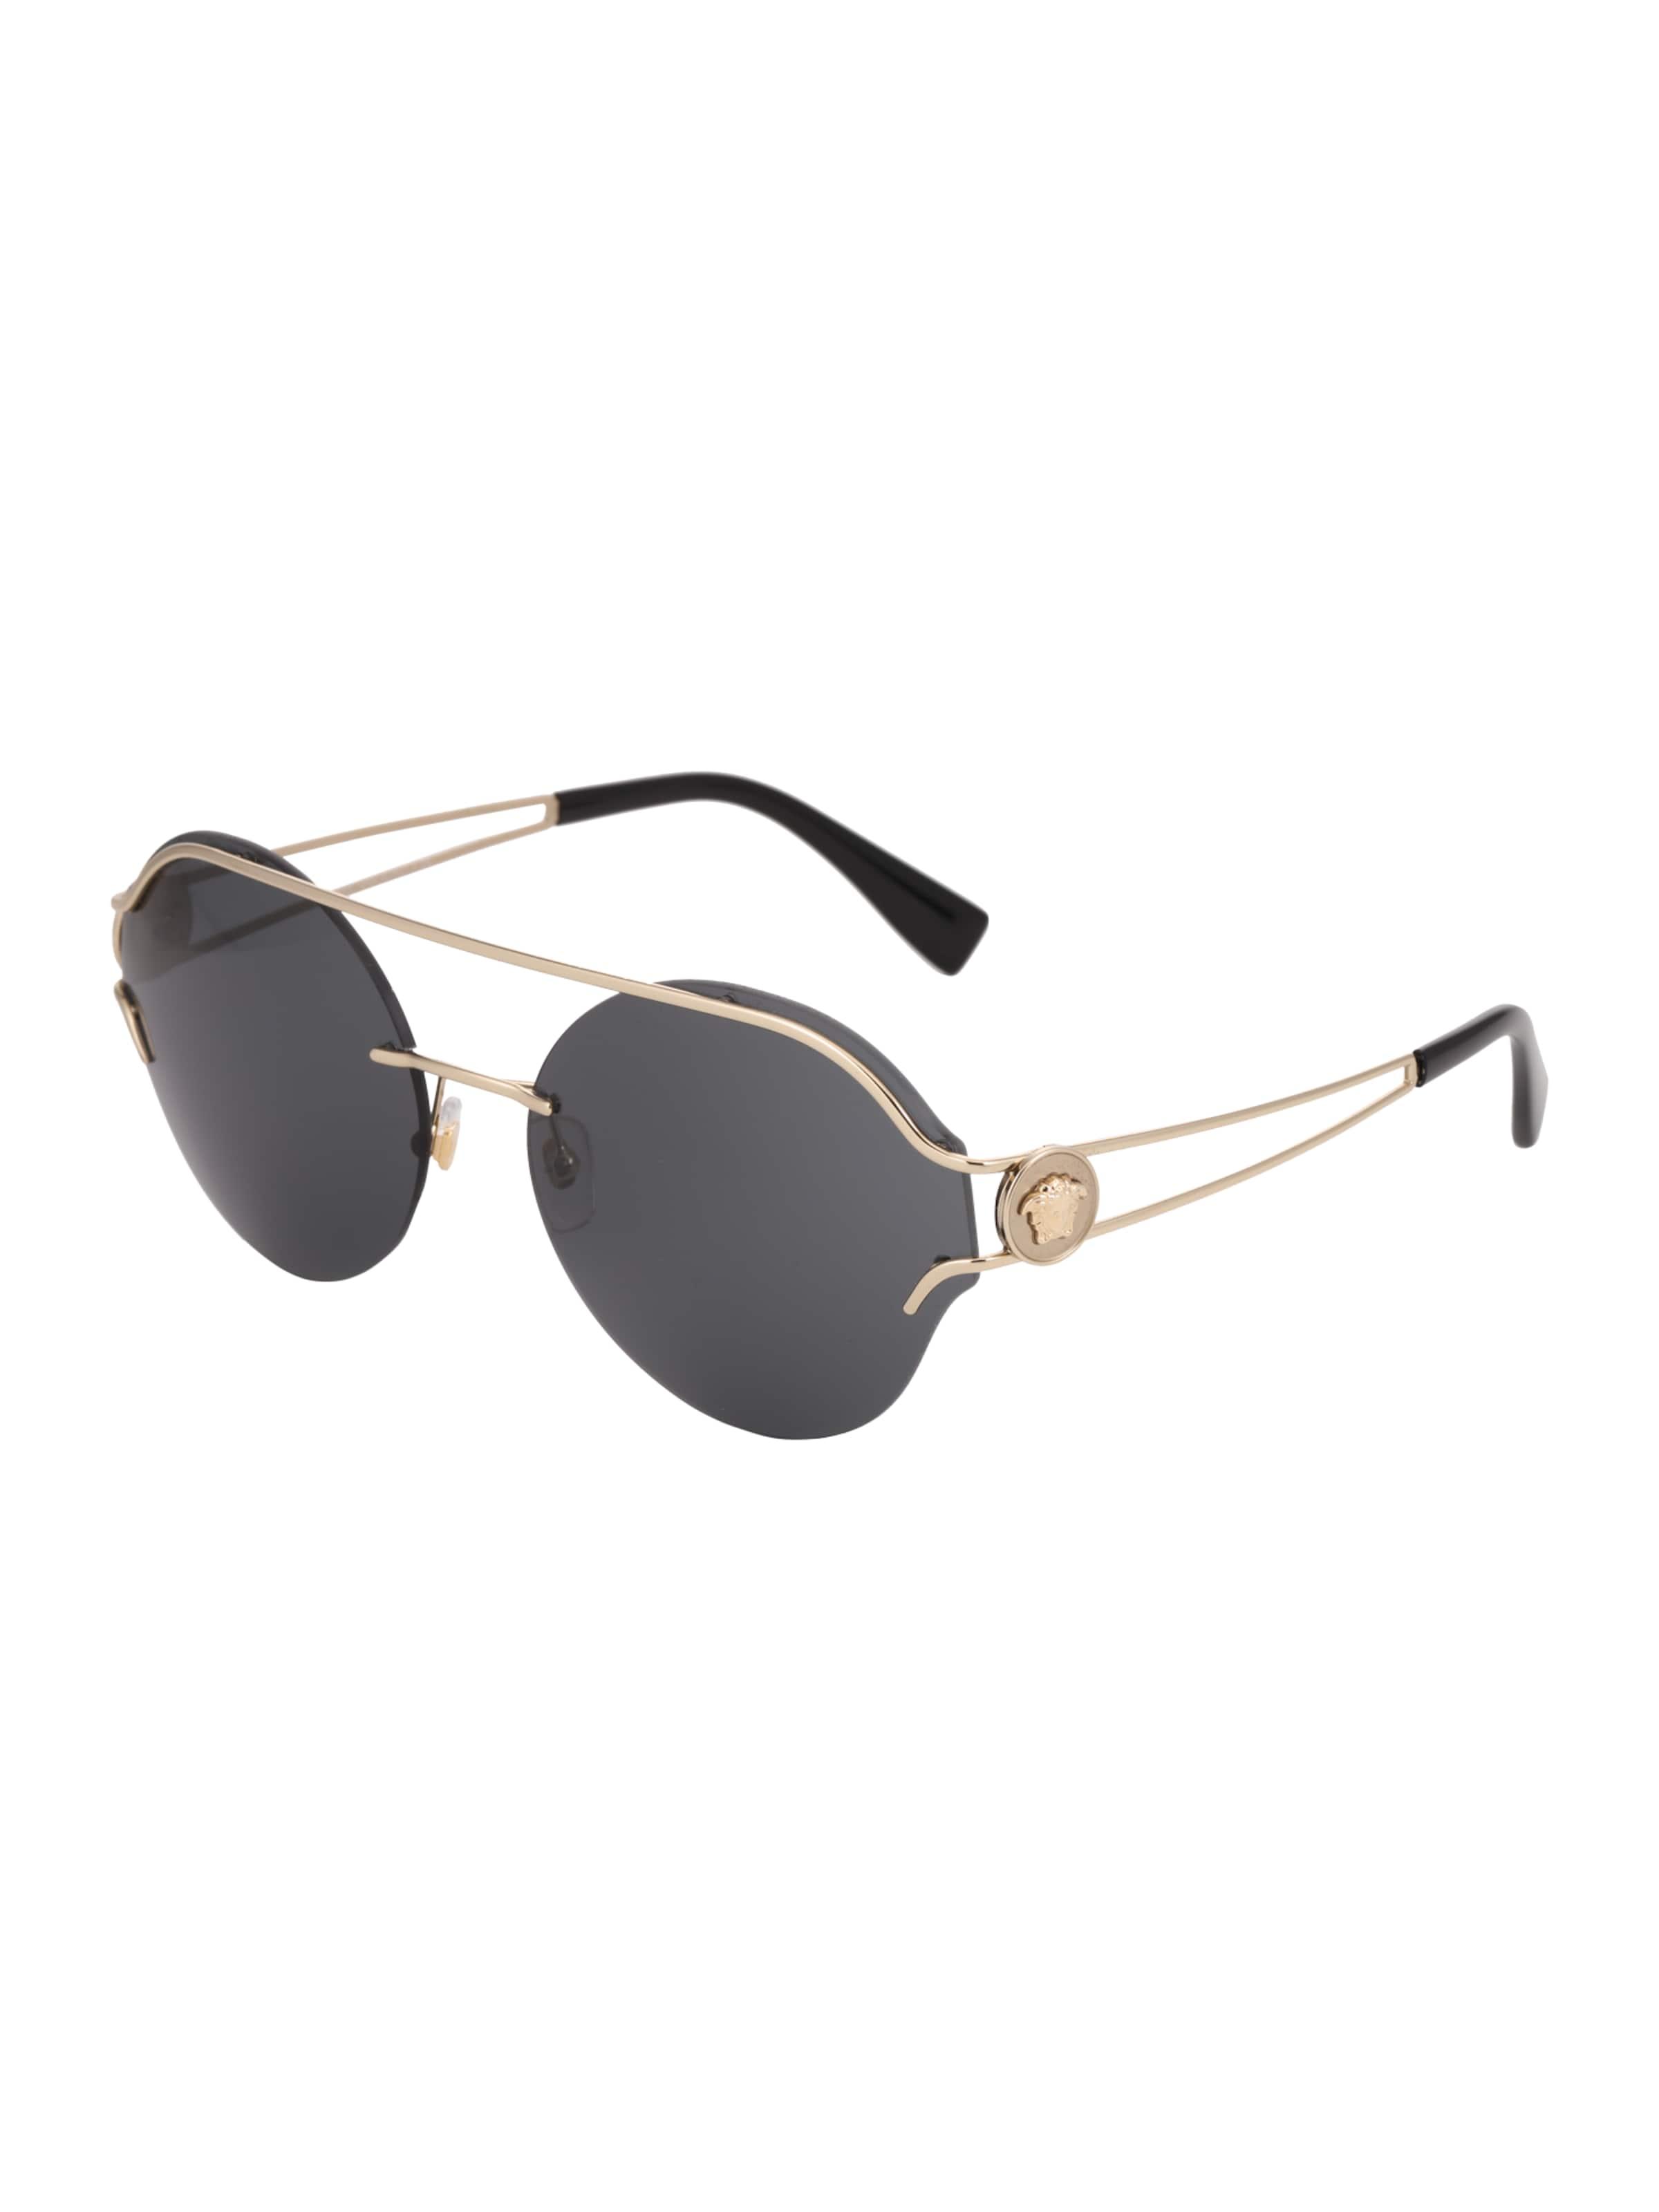 VERSACE Casual Sonnenbrille im Piloten-Style Spielraum Besuch Neu 1IZ05uF